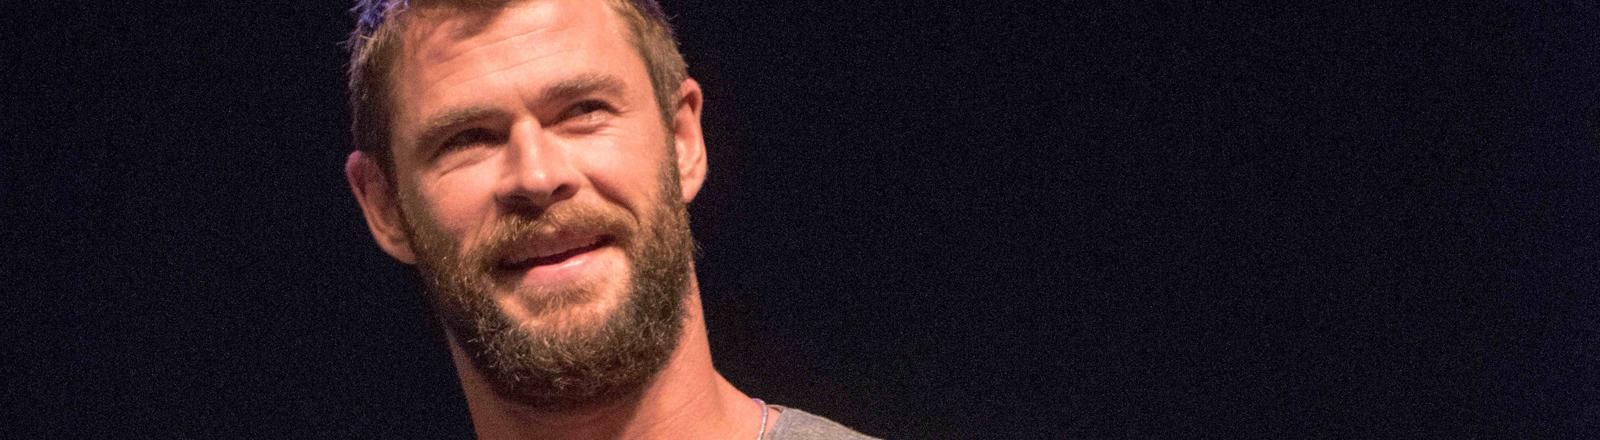 Porträt von Chris Hemsworth